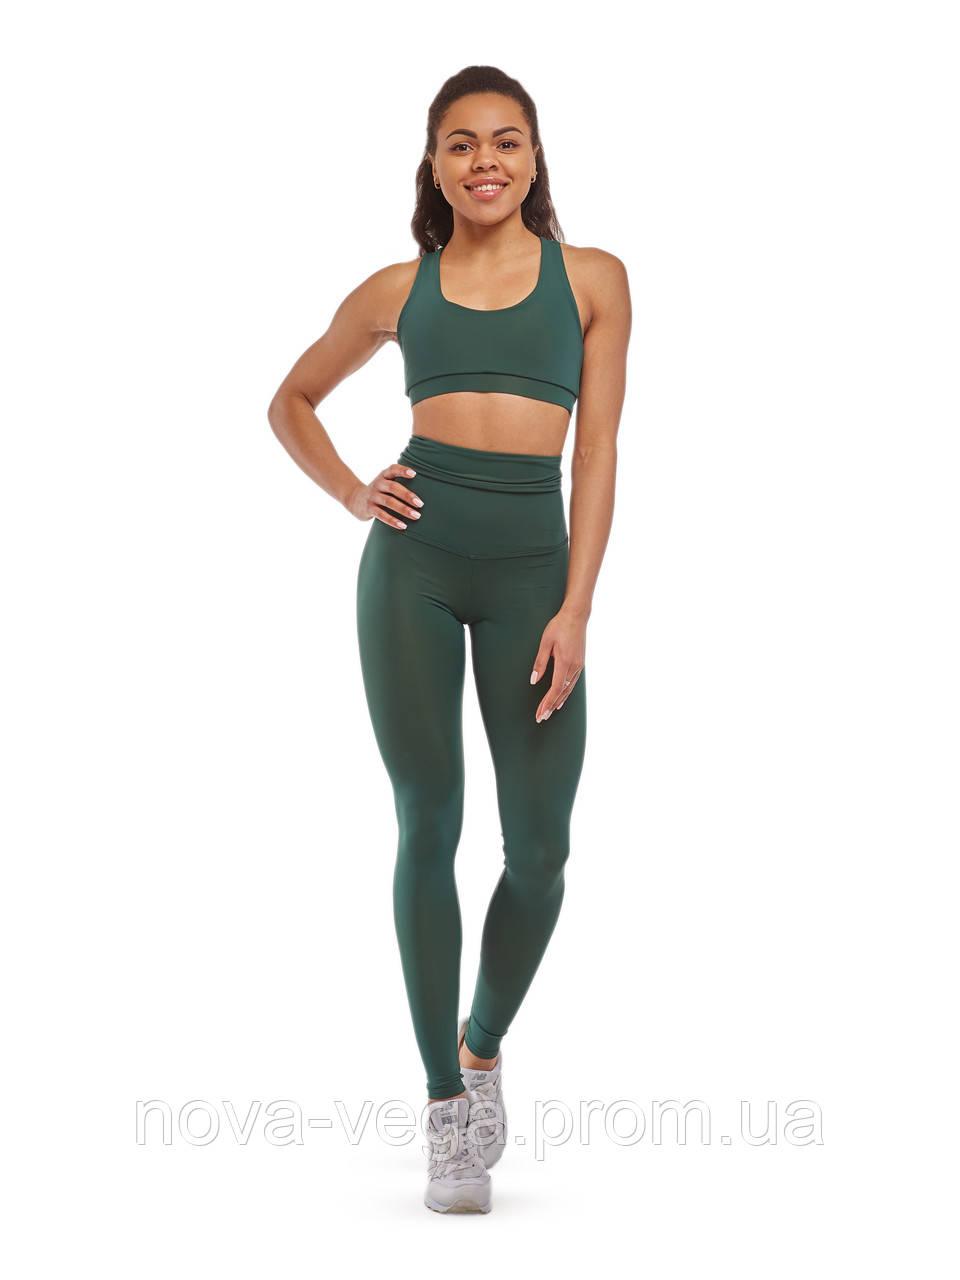 Спортивные Женские Лосины Nova Vega Classic Green Emerald Высокий Пояс